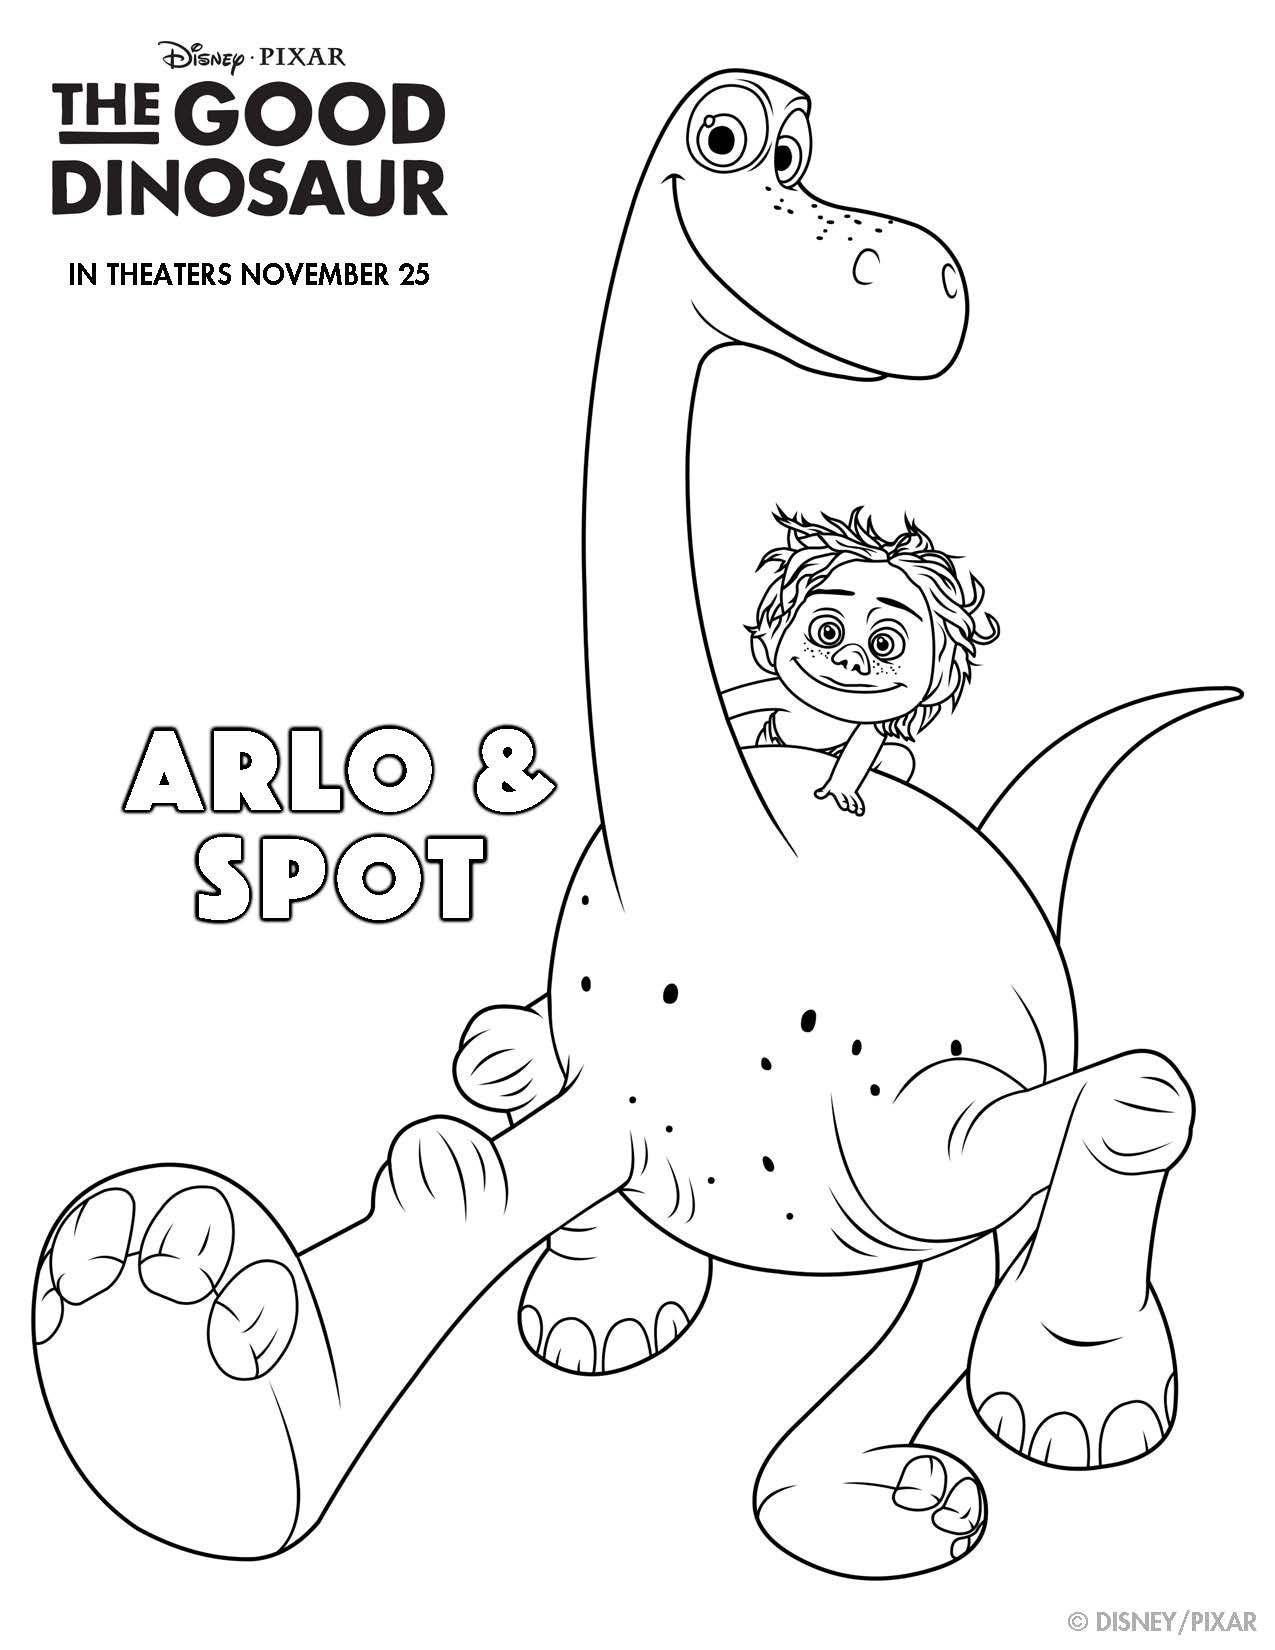 disneypixar's the good dinosaur printables to make your